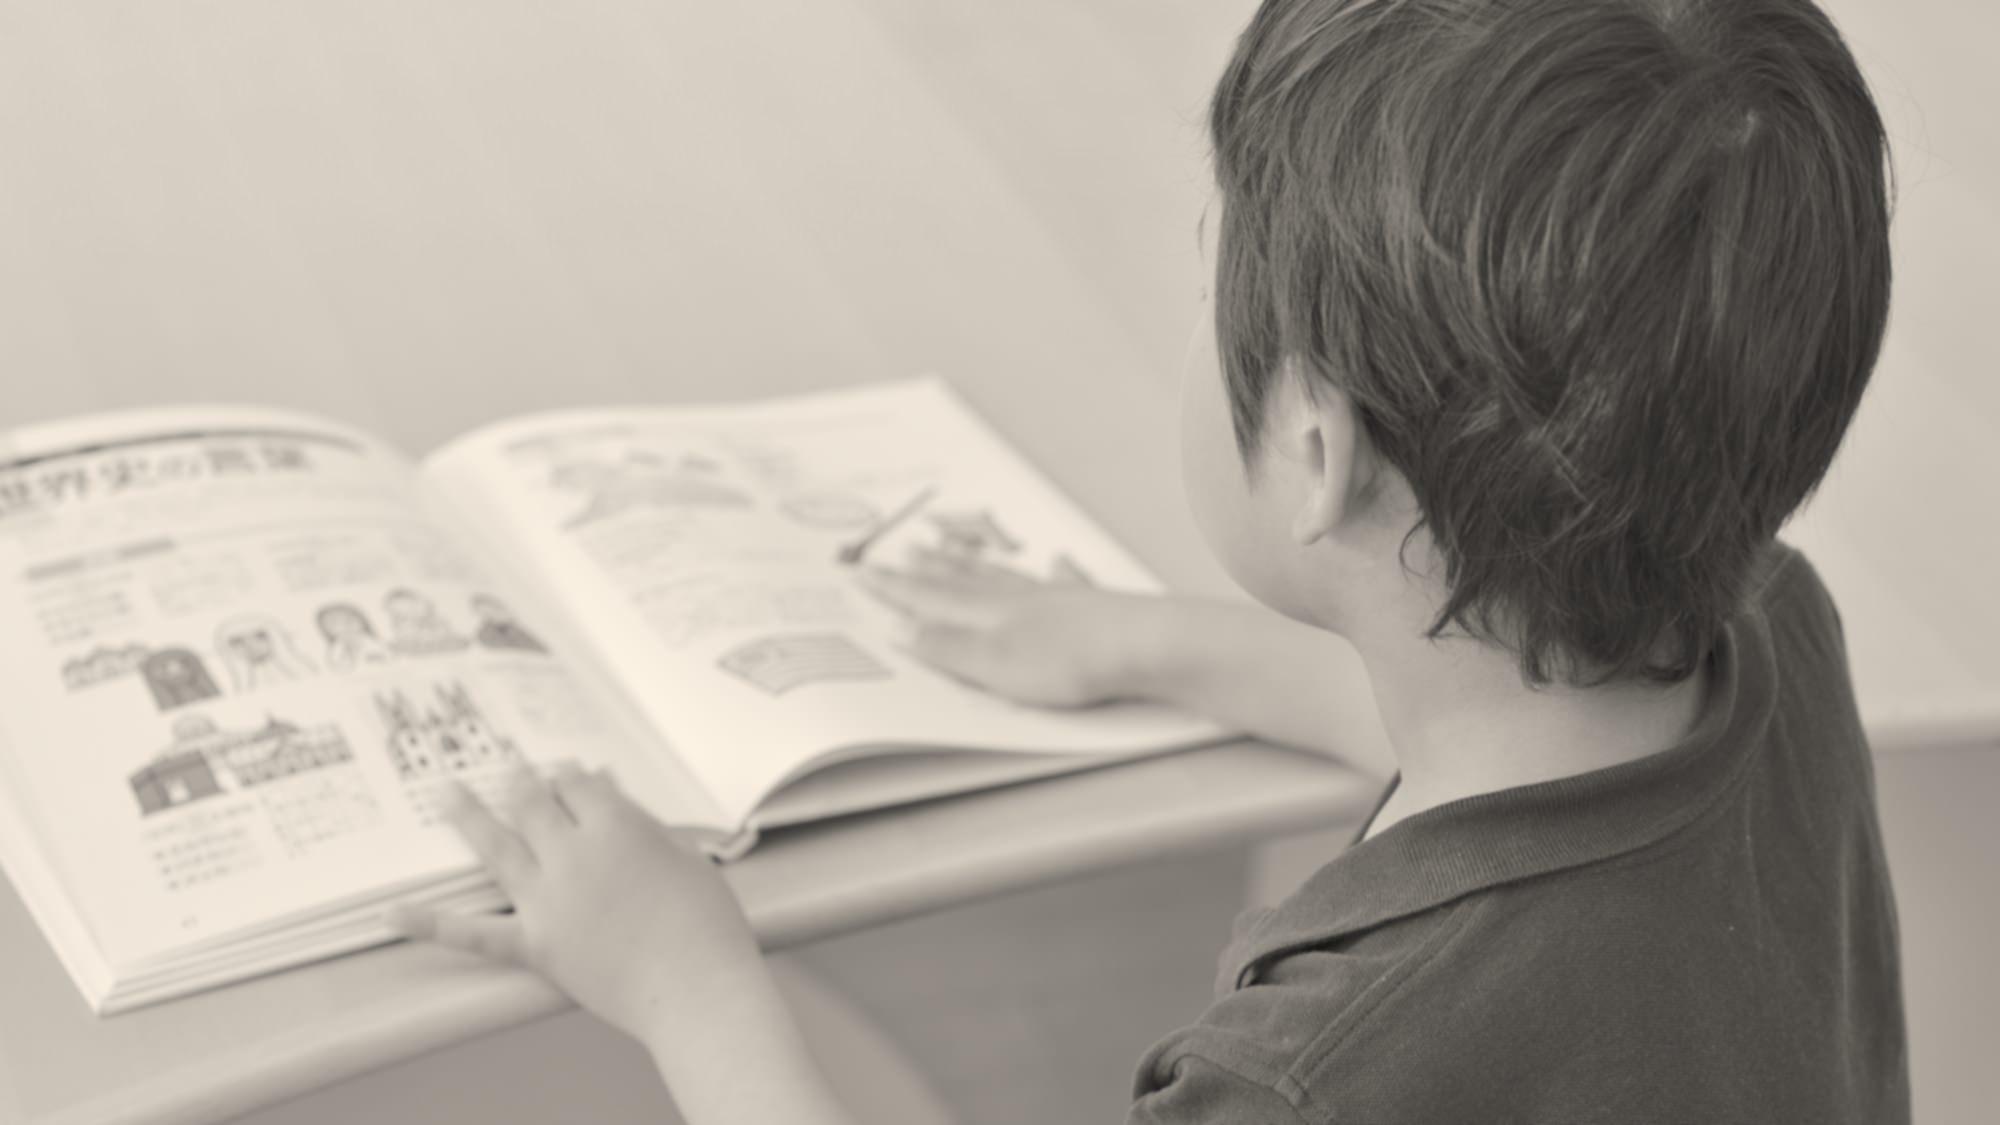 大きな本を読む少年